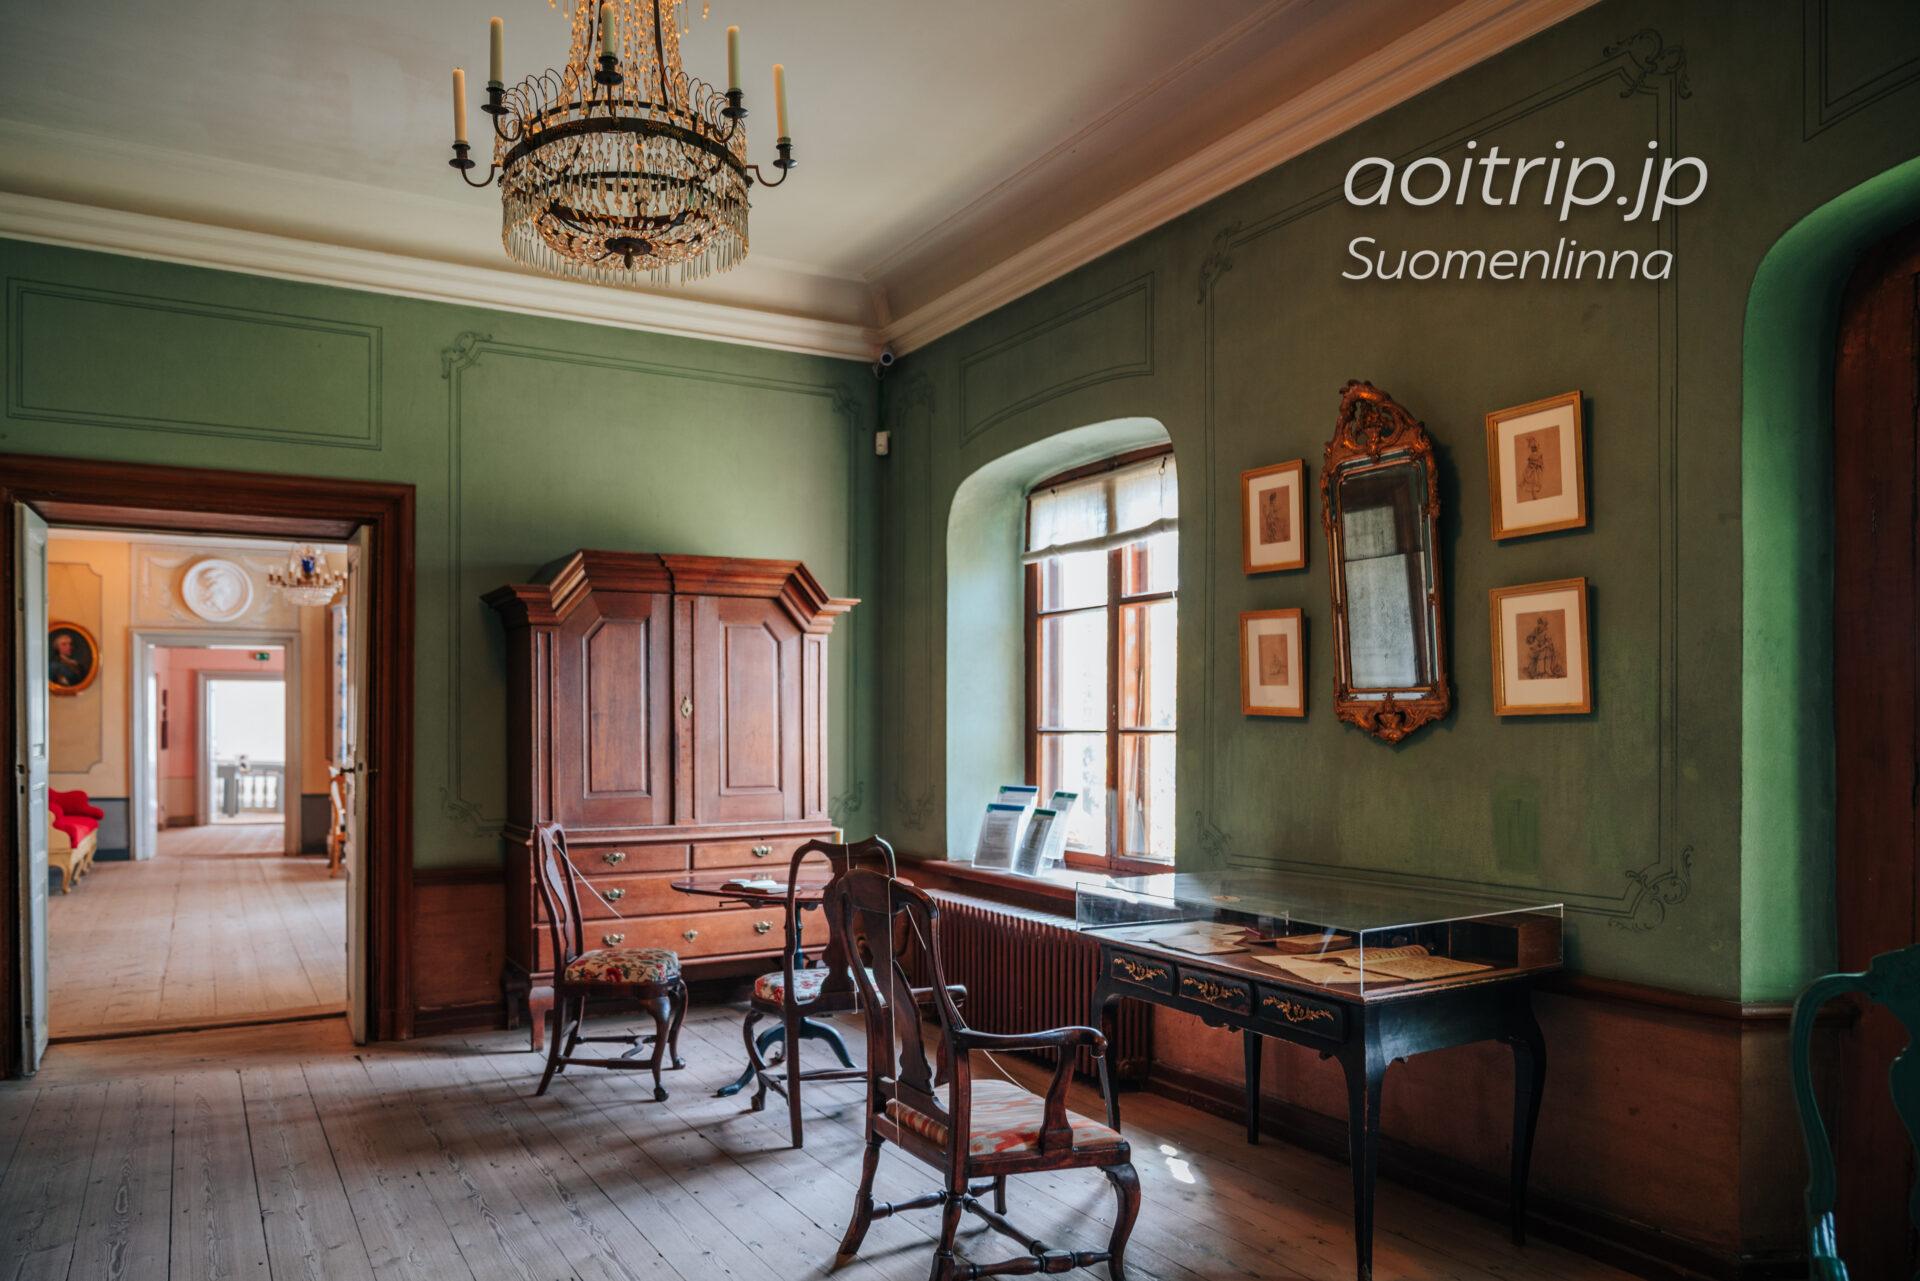 スオメンリンナの要塞 エーレンスヴァルド博物館